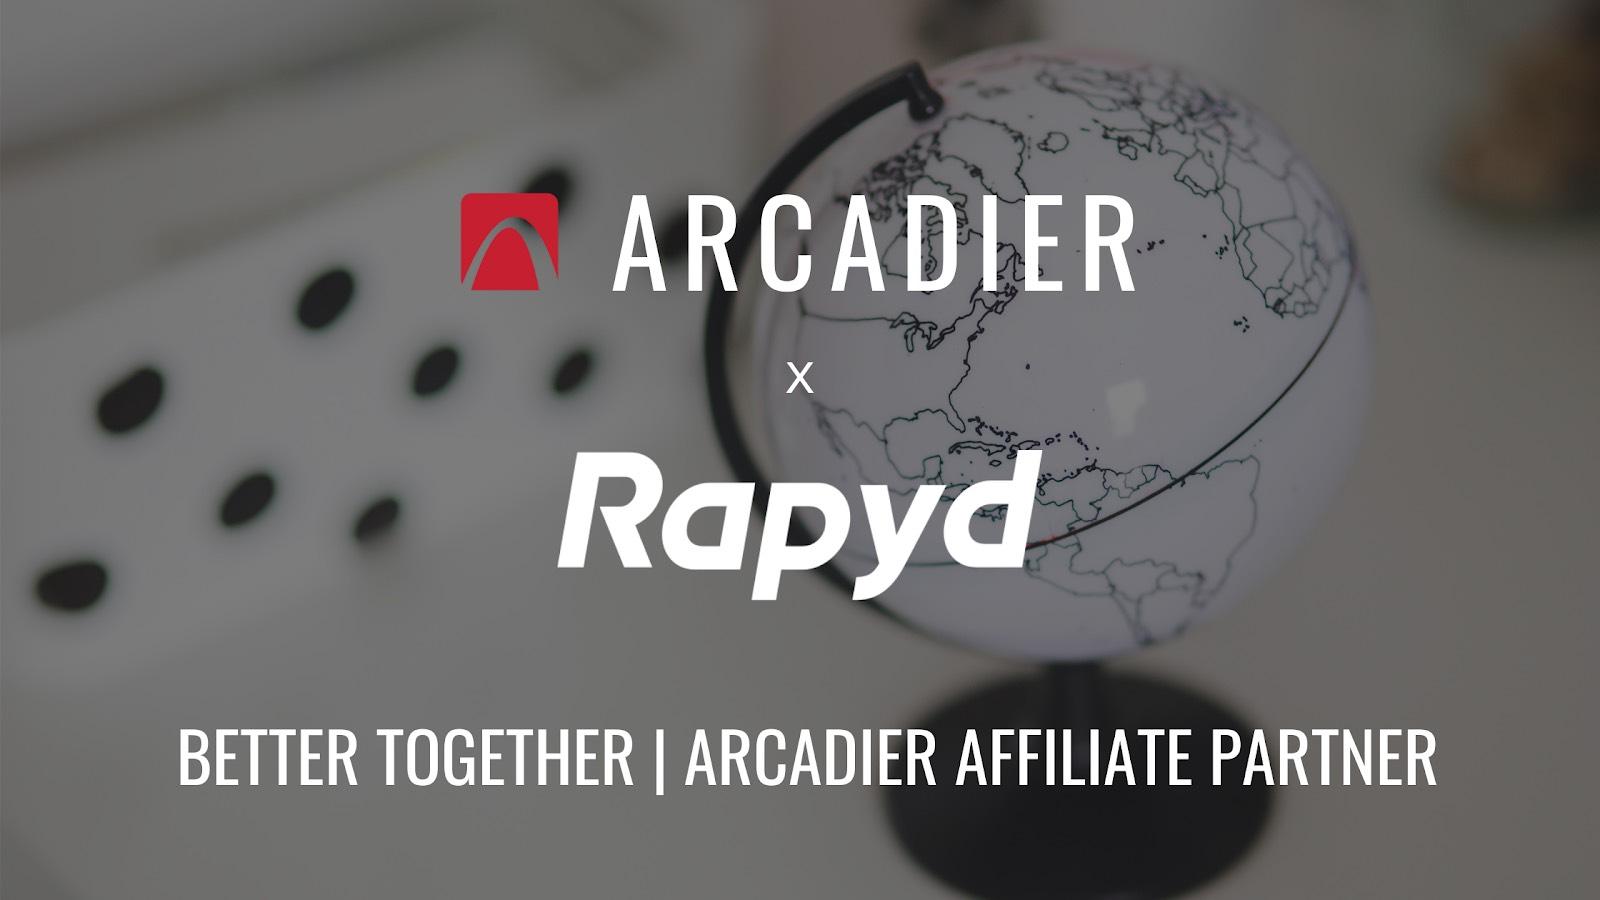 Arcadier Affiliate Partner